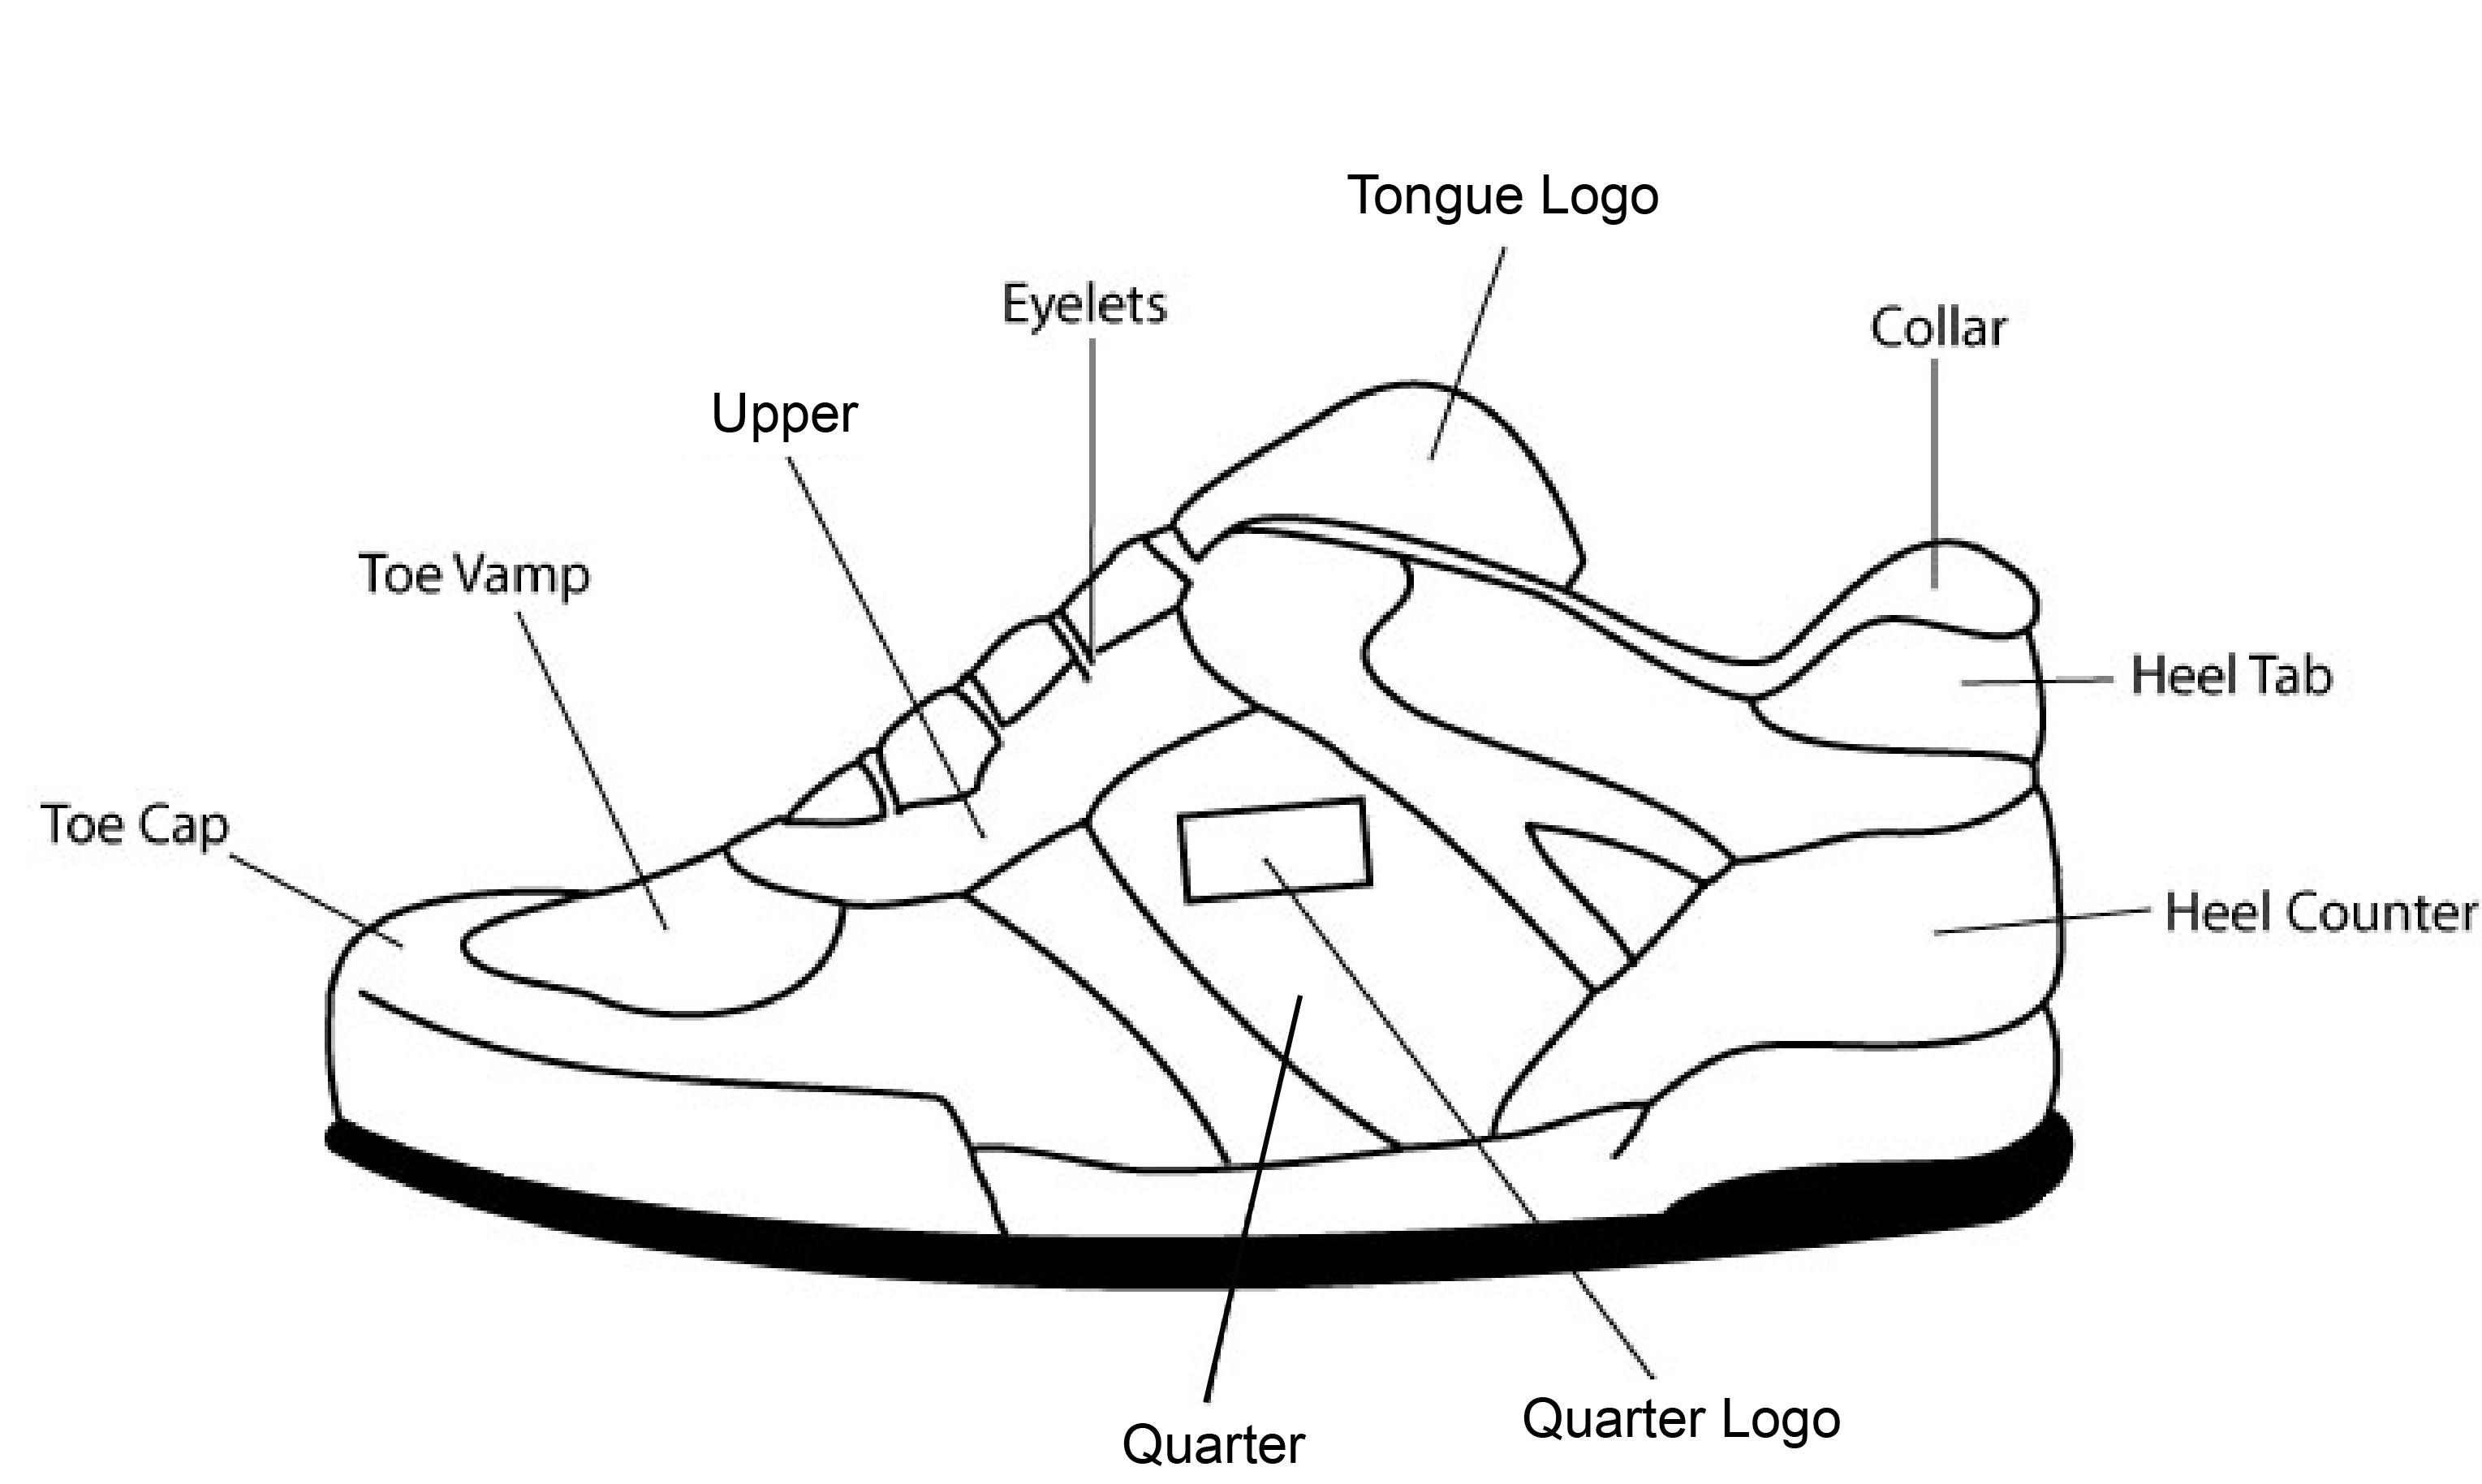 Shoes shoe tongue logos pooptronica